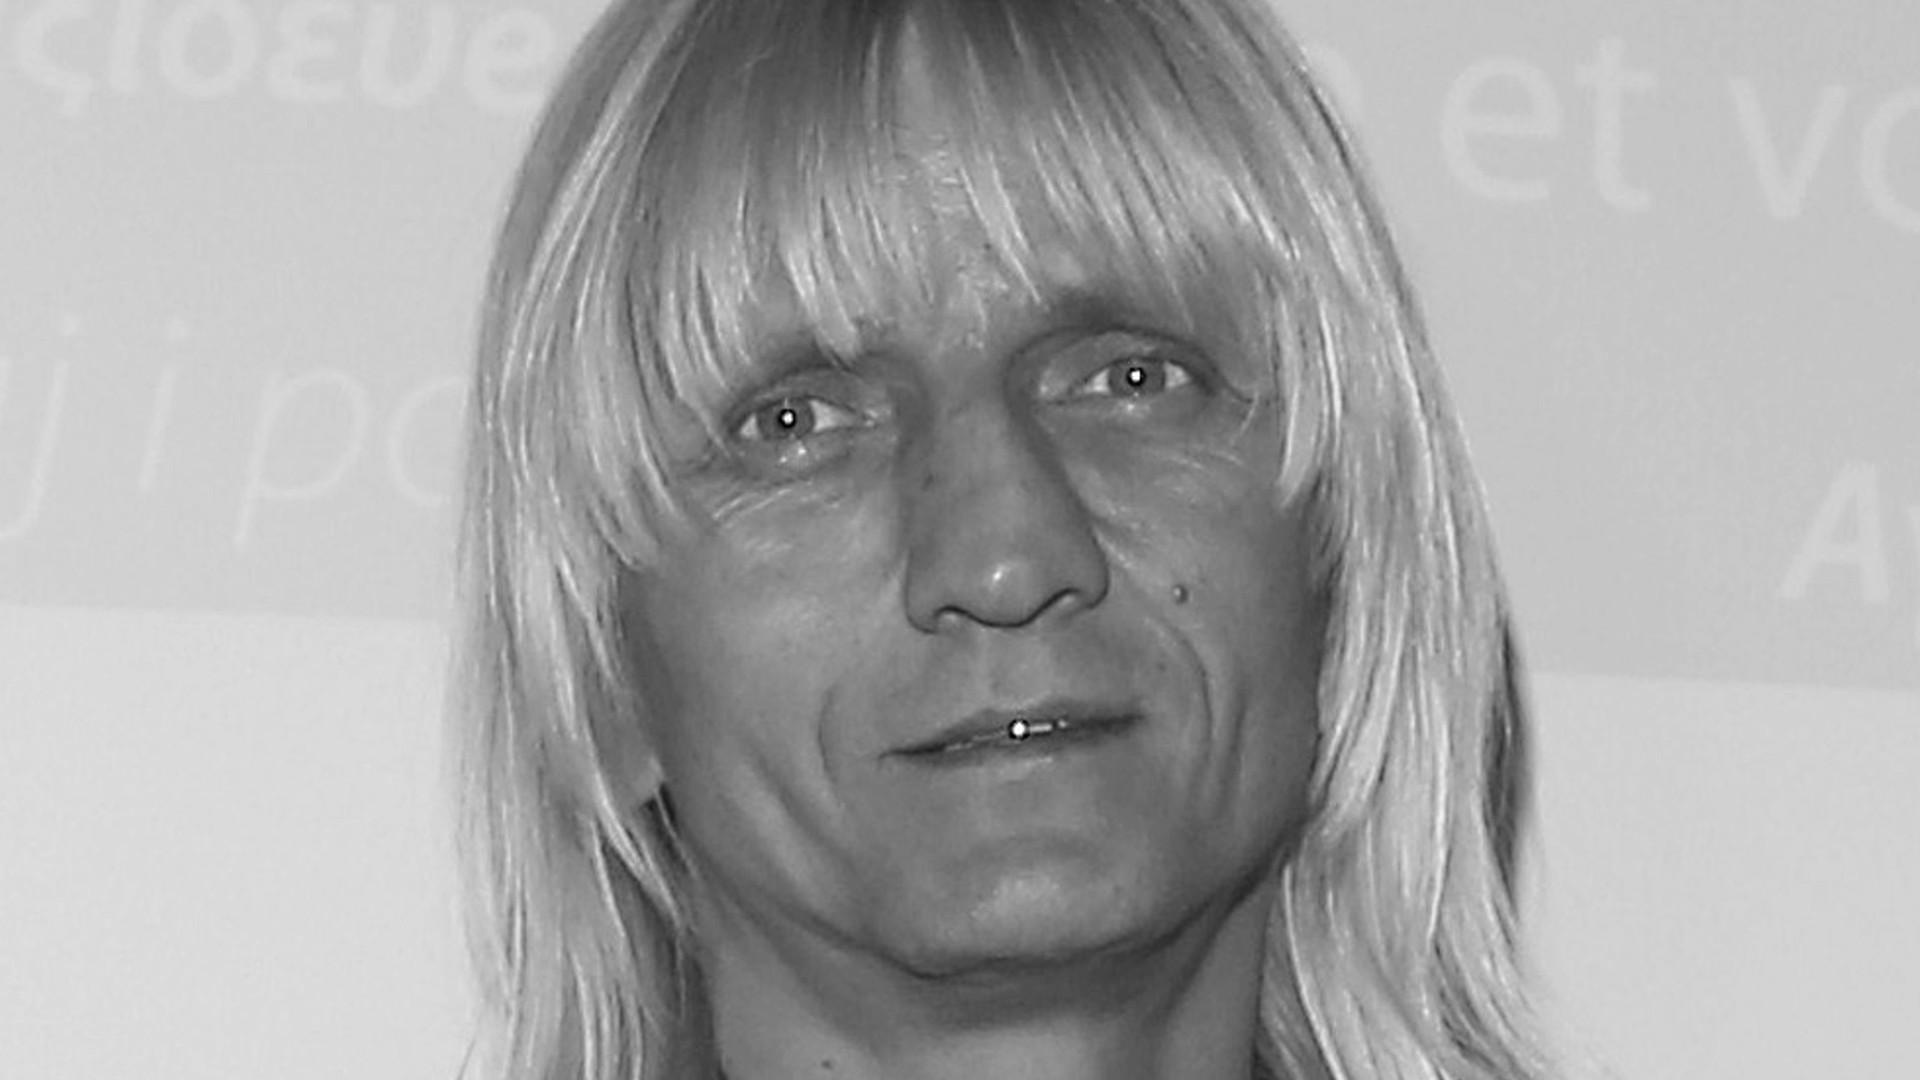 Nie żyje polski projektant, Piotr Krajewski. O śmierci poinformowała jego była żona